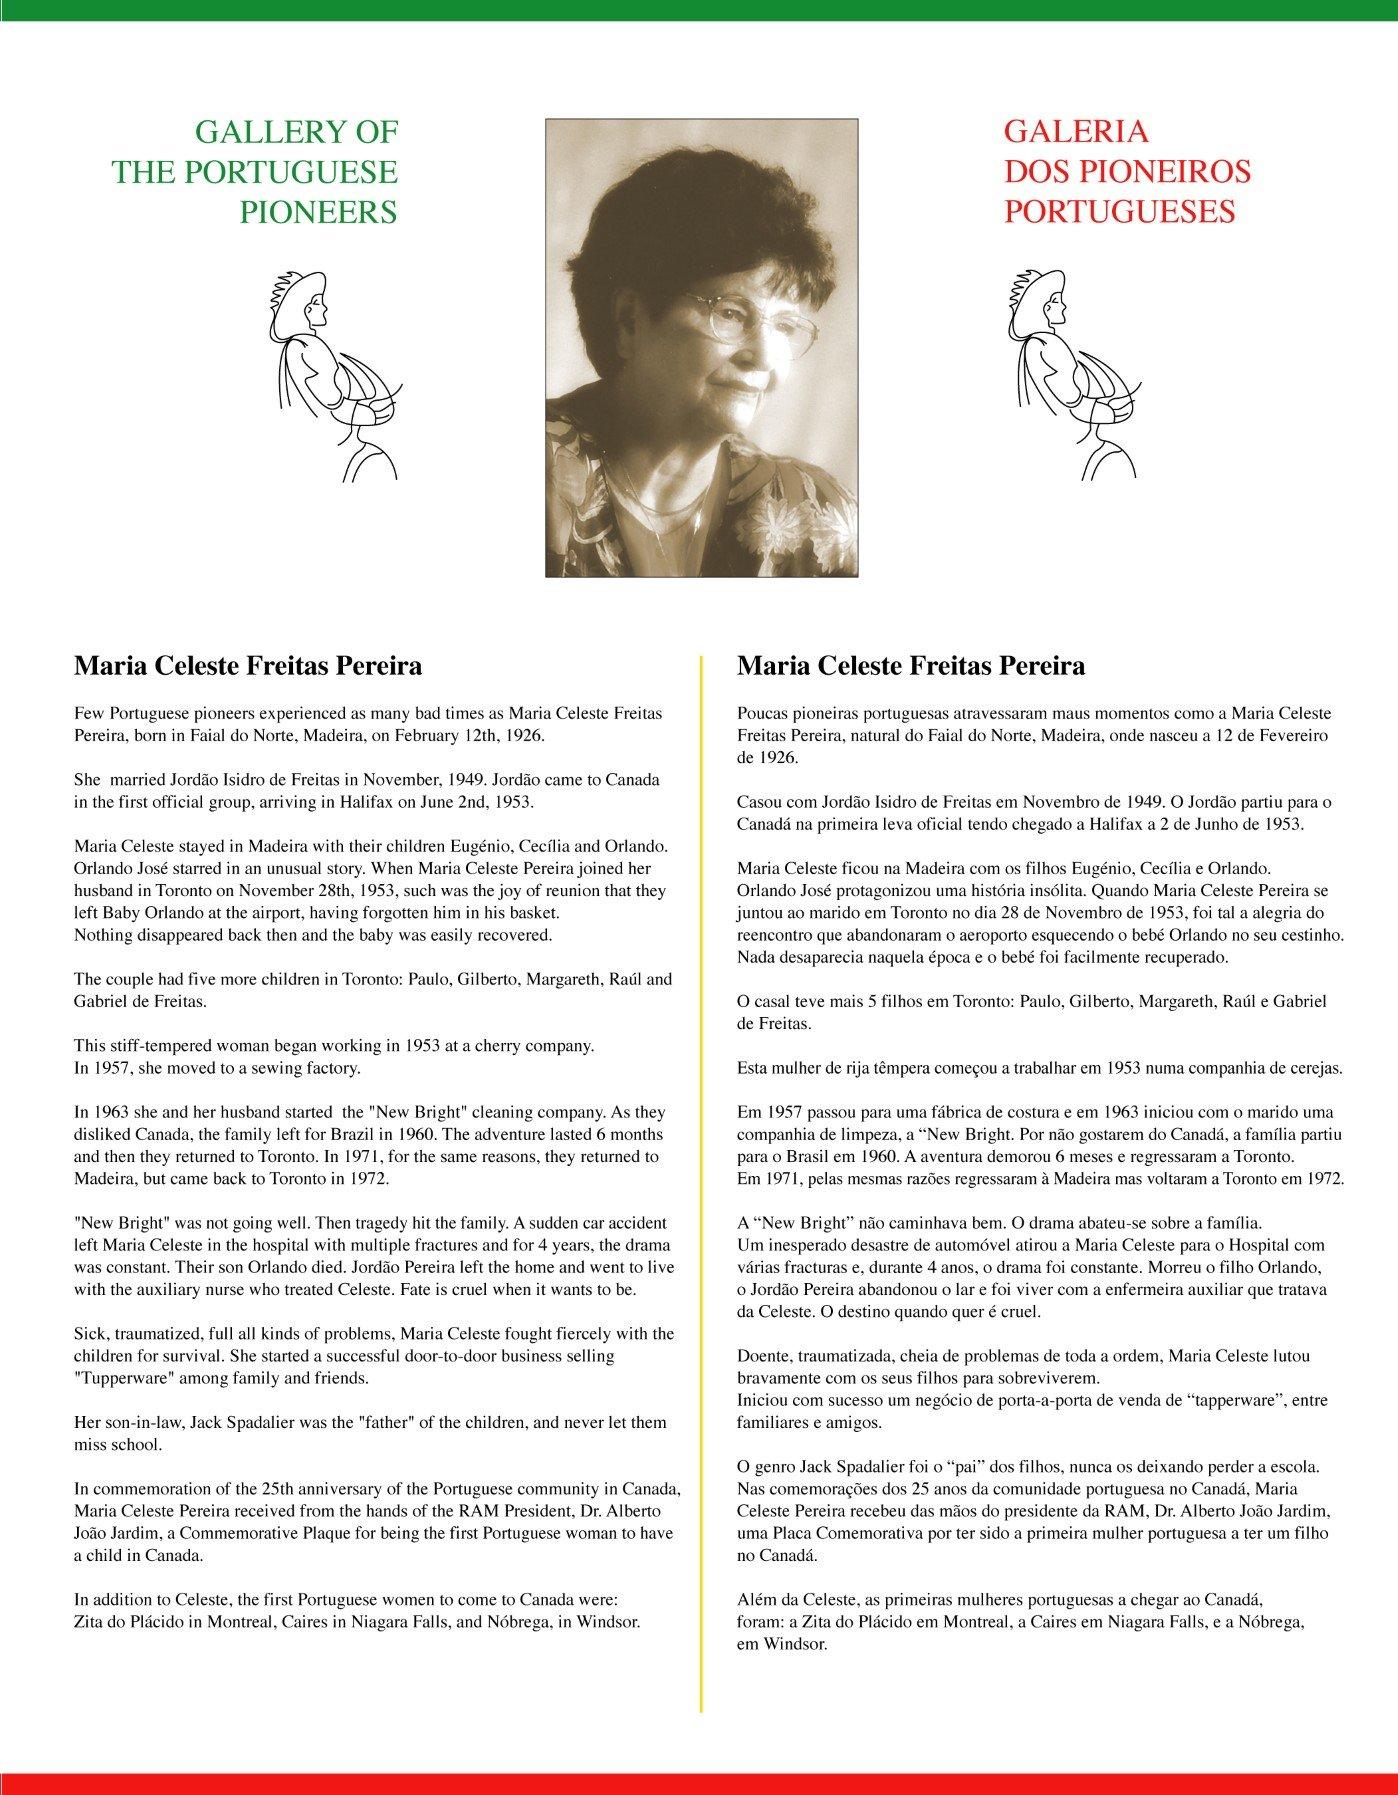 Maria Celeste Freitas Pereira